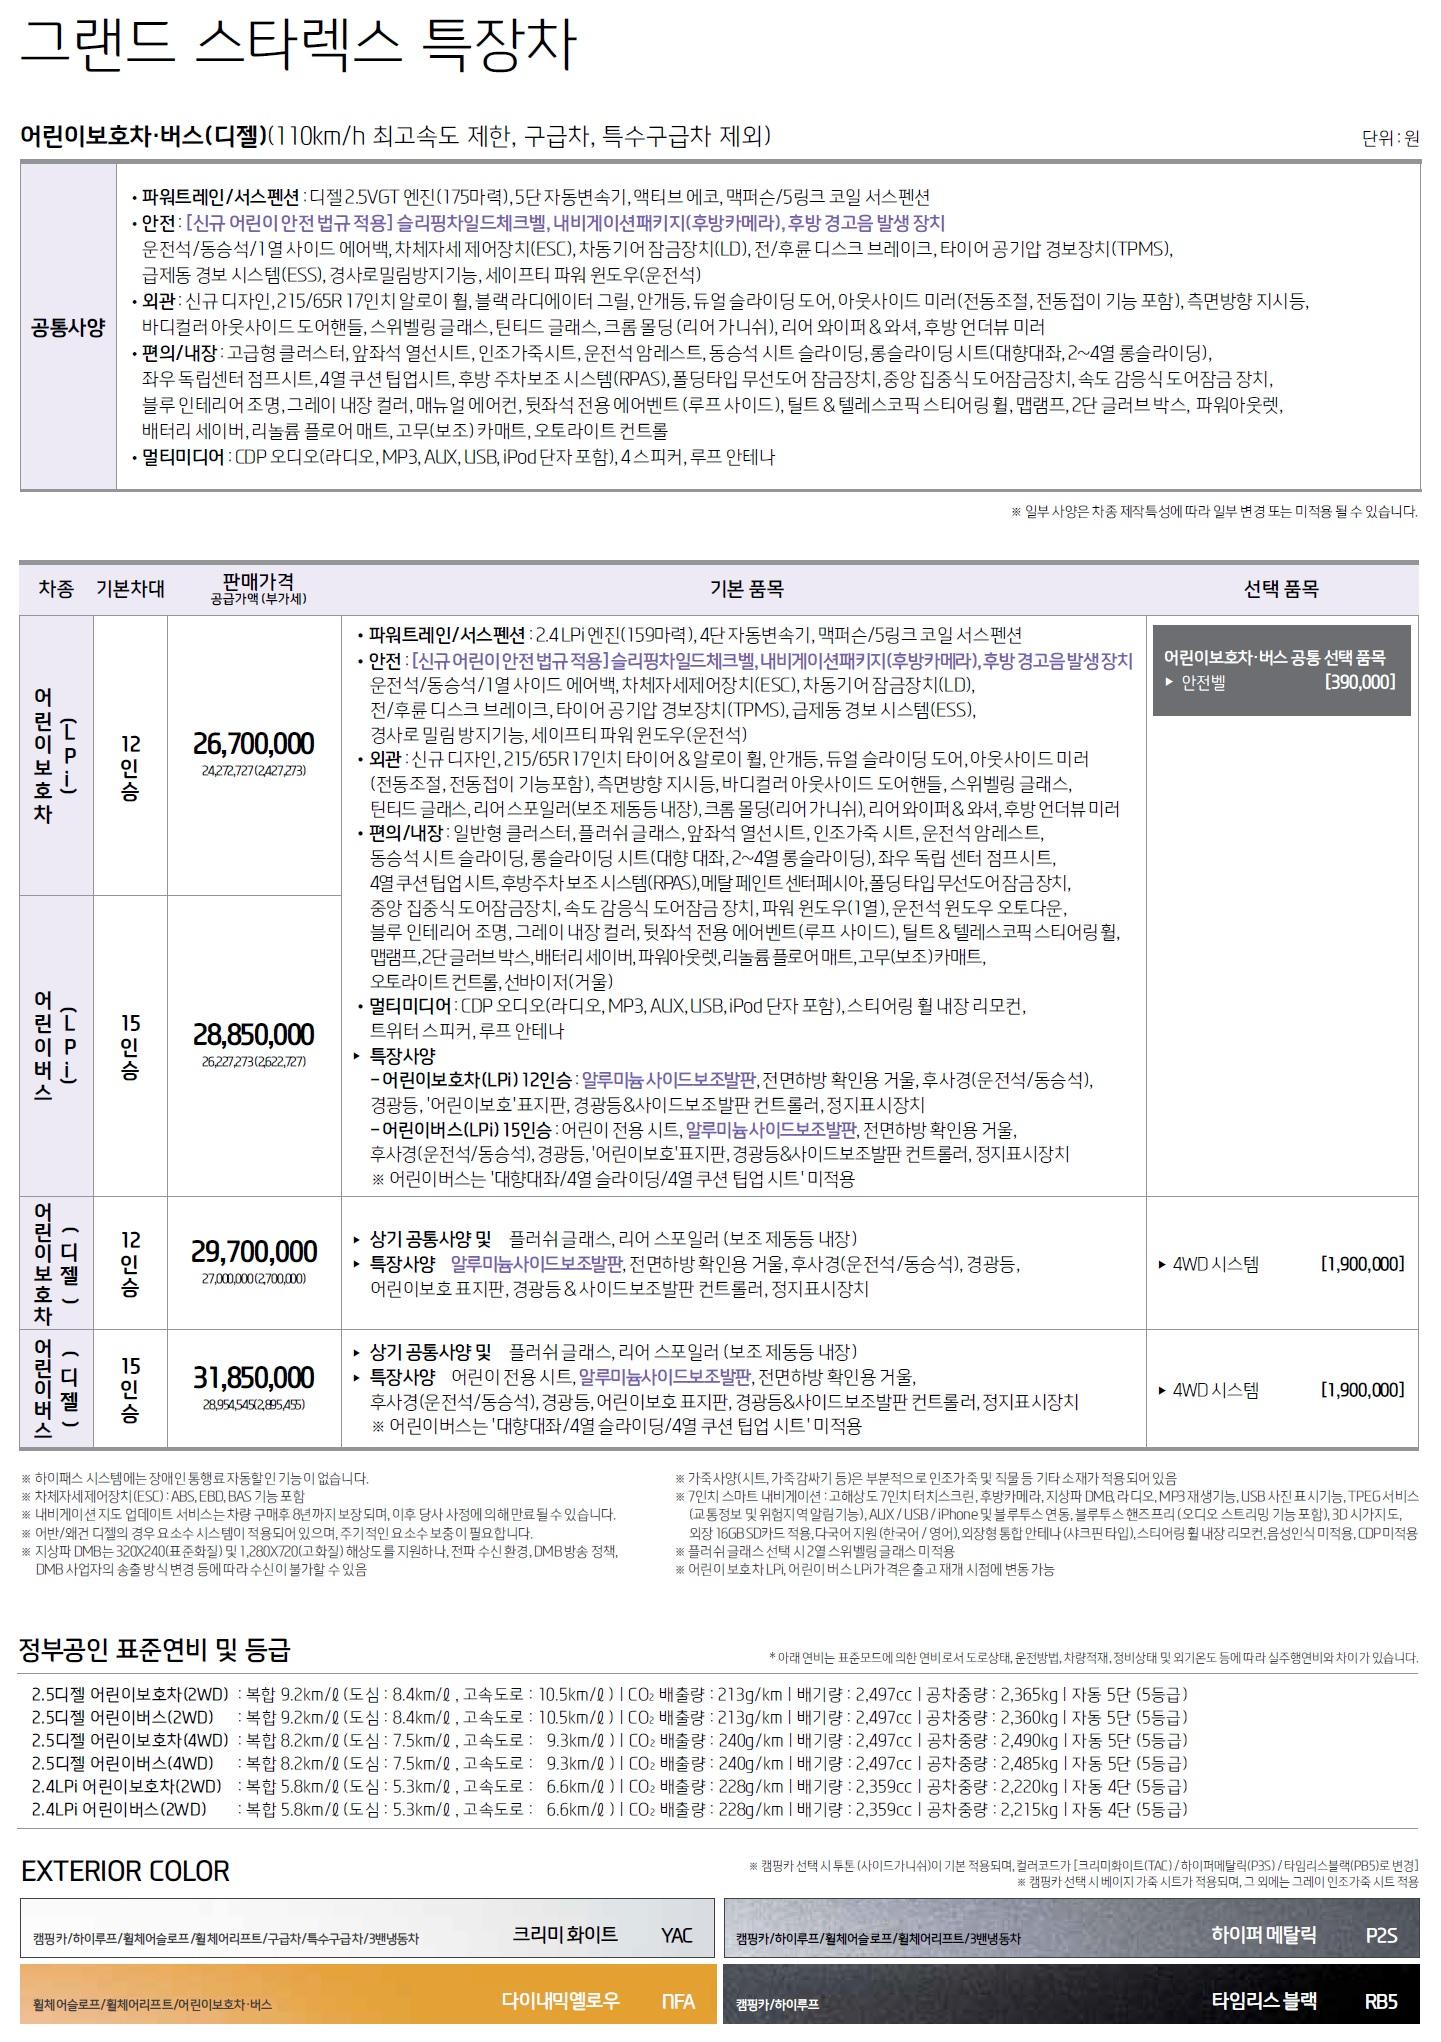 그랜드스타렉스 특장차 가격표 - 2019년 04월 -3.jpg